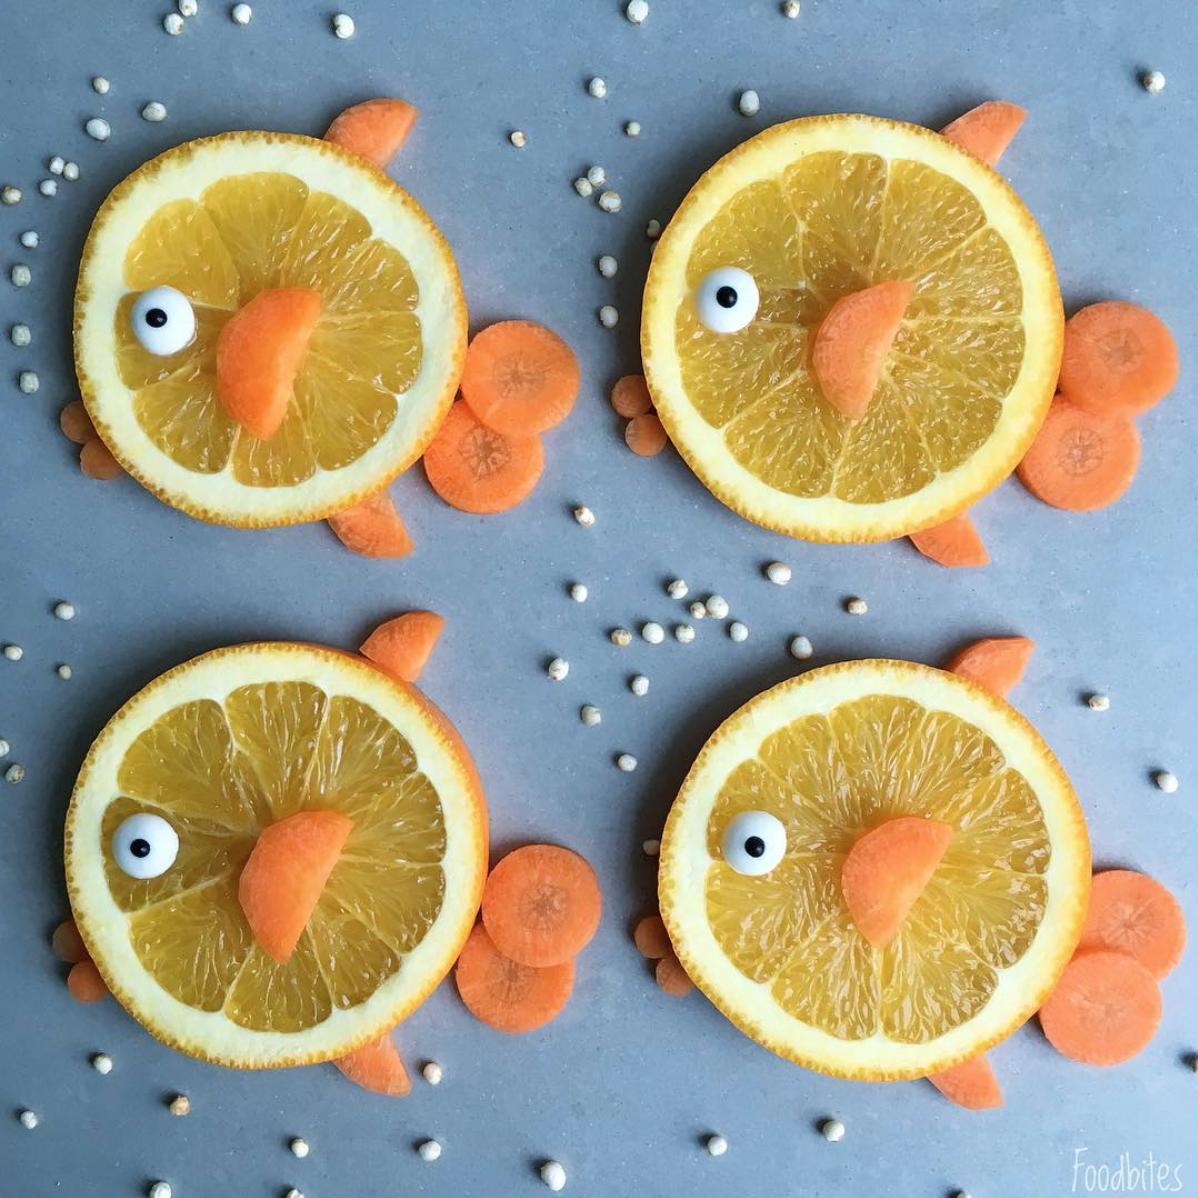 Foodbites apelsiner och morötter ihopsatta som fiskar